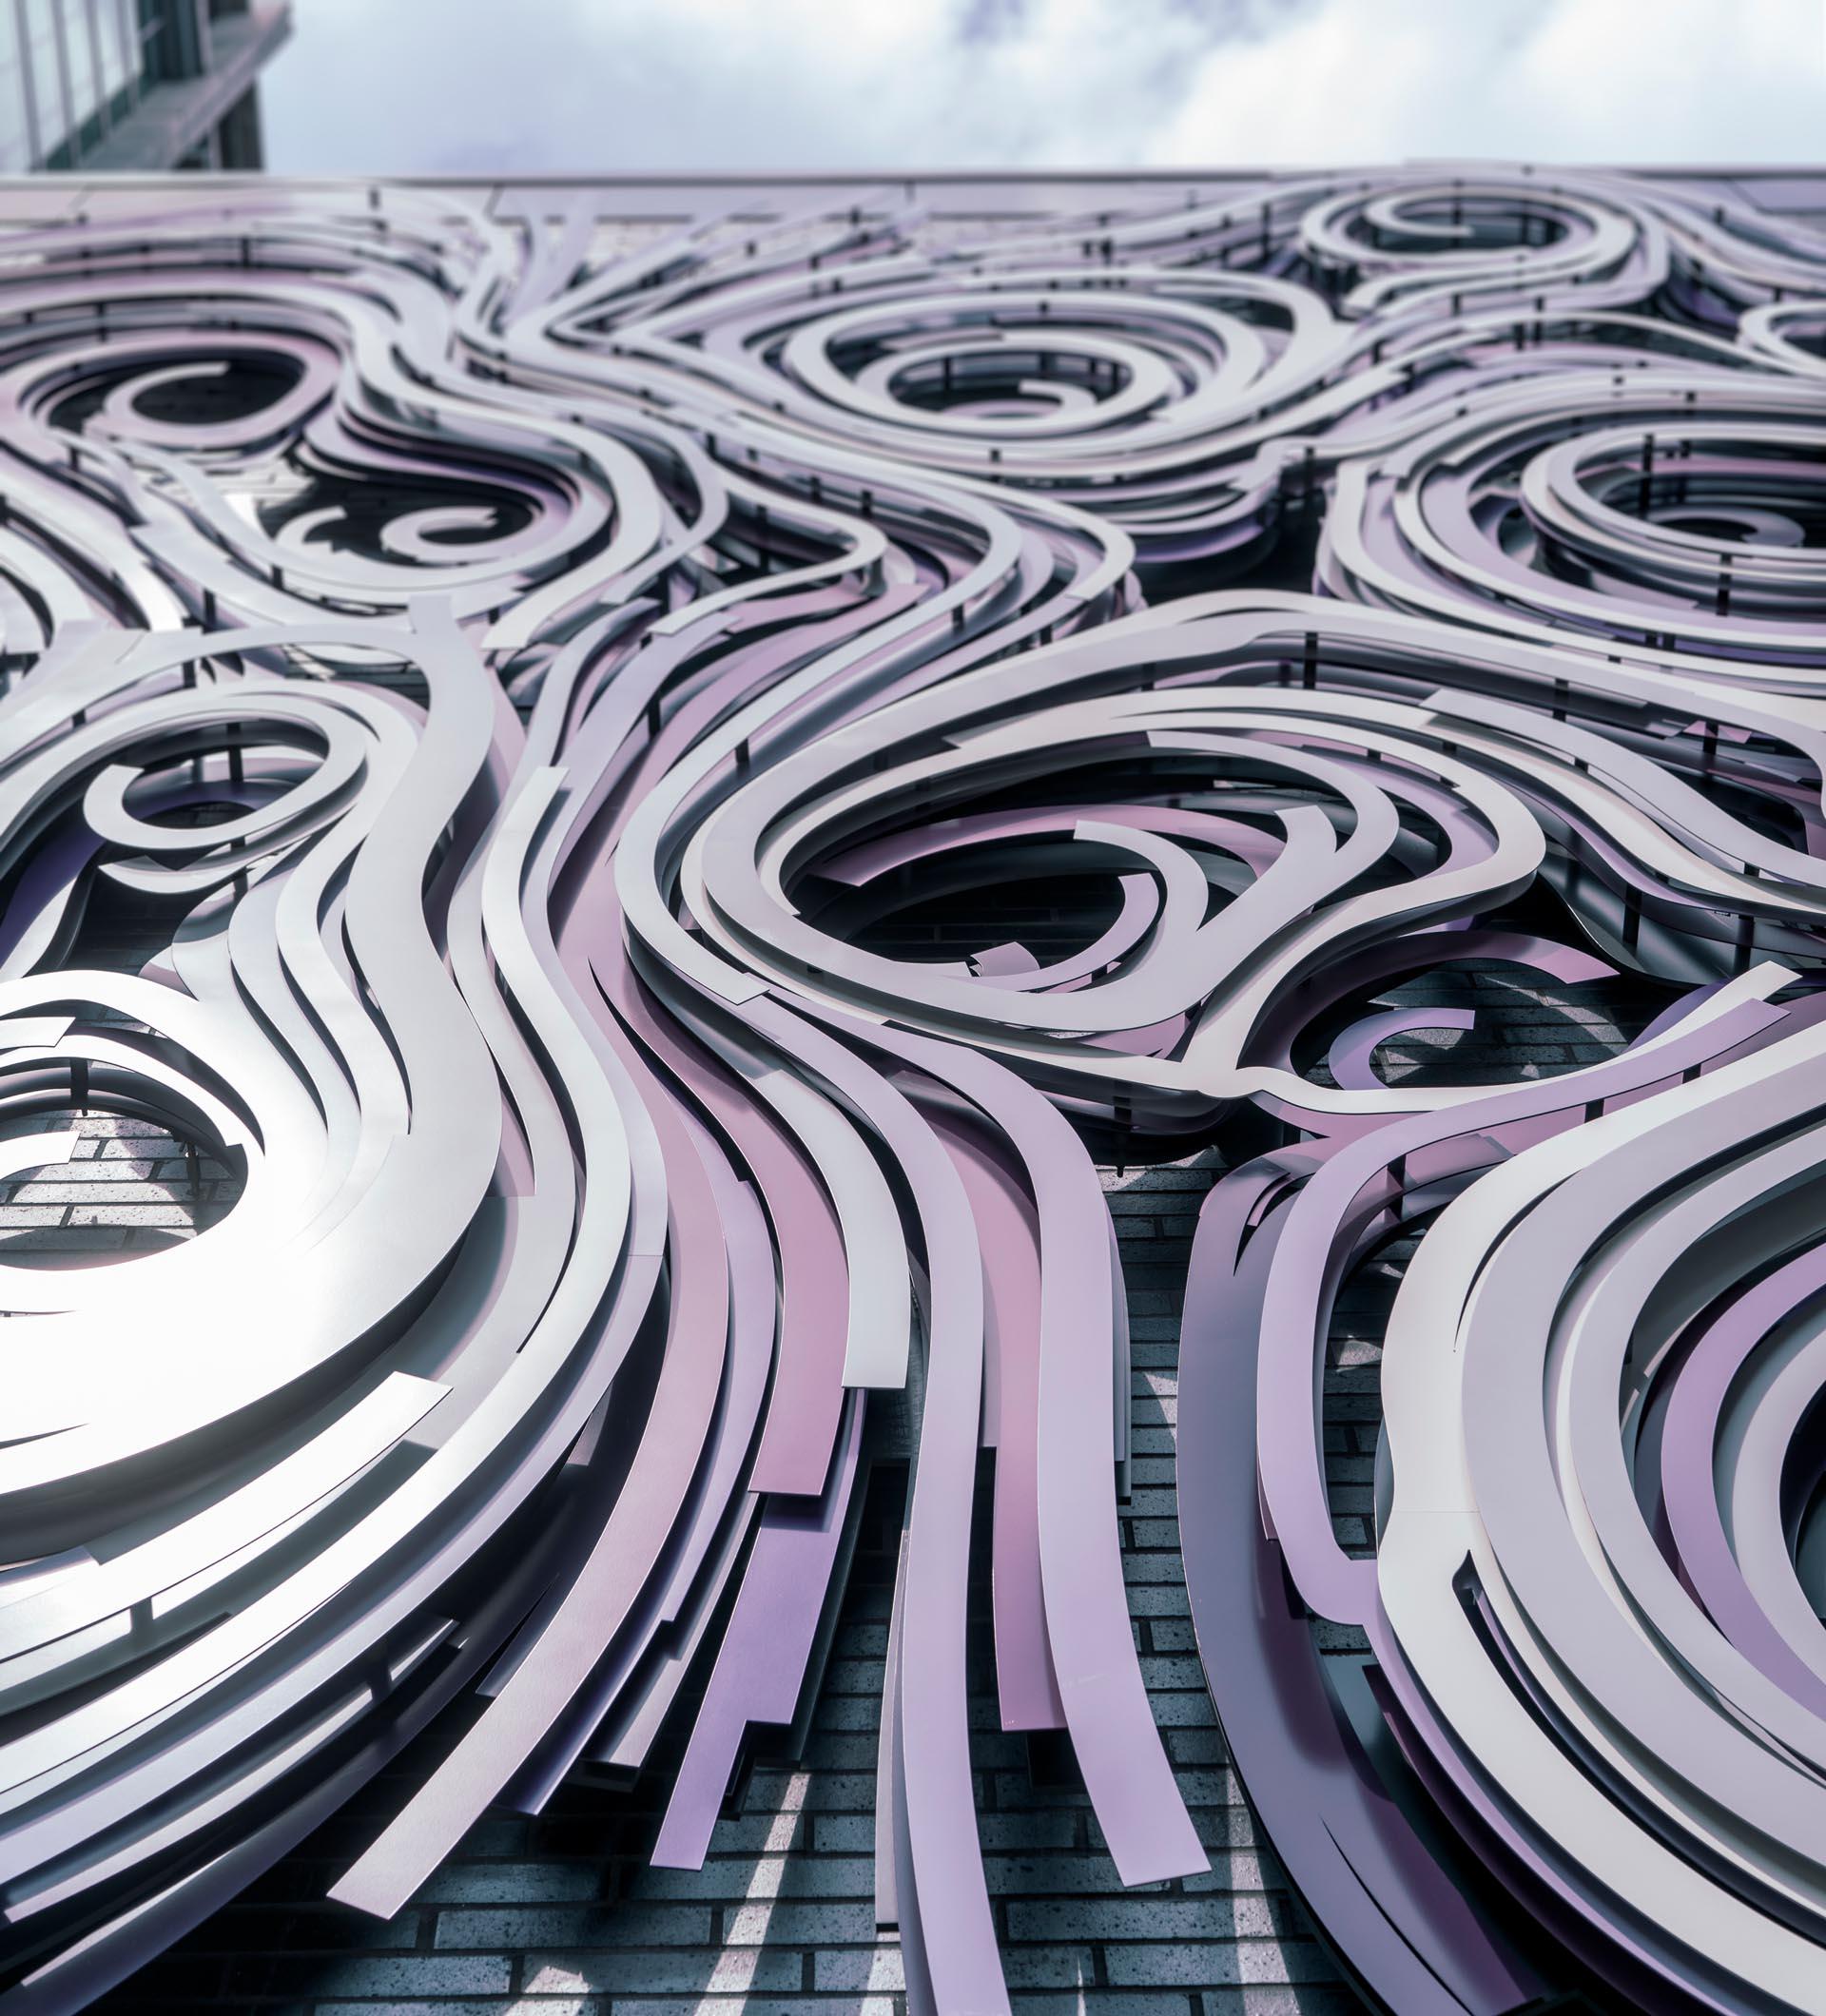 A three-dimensional wall mural.